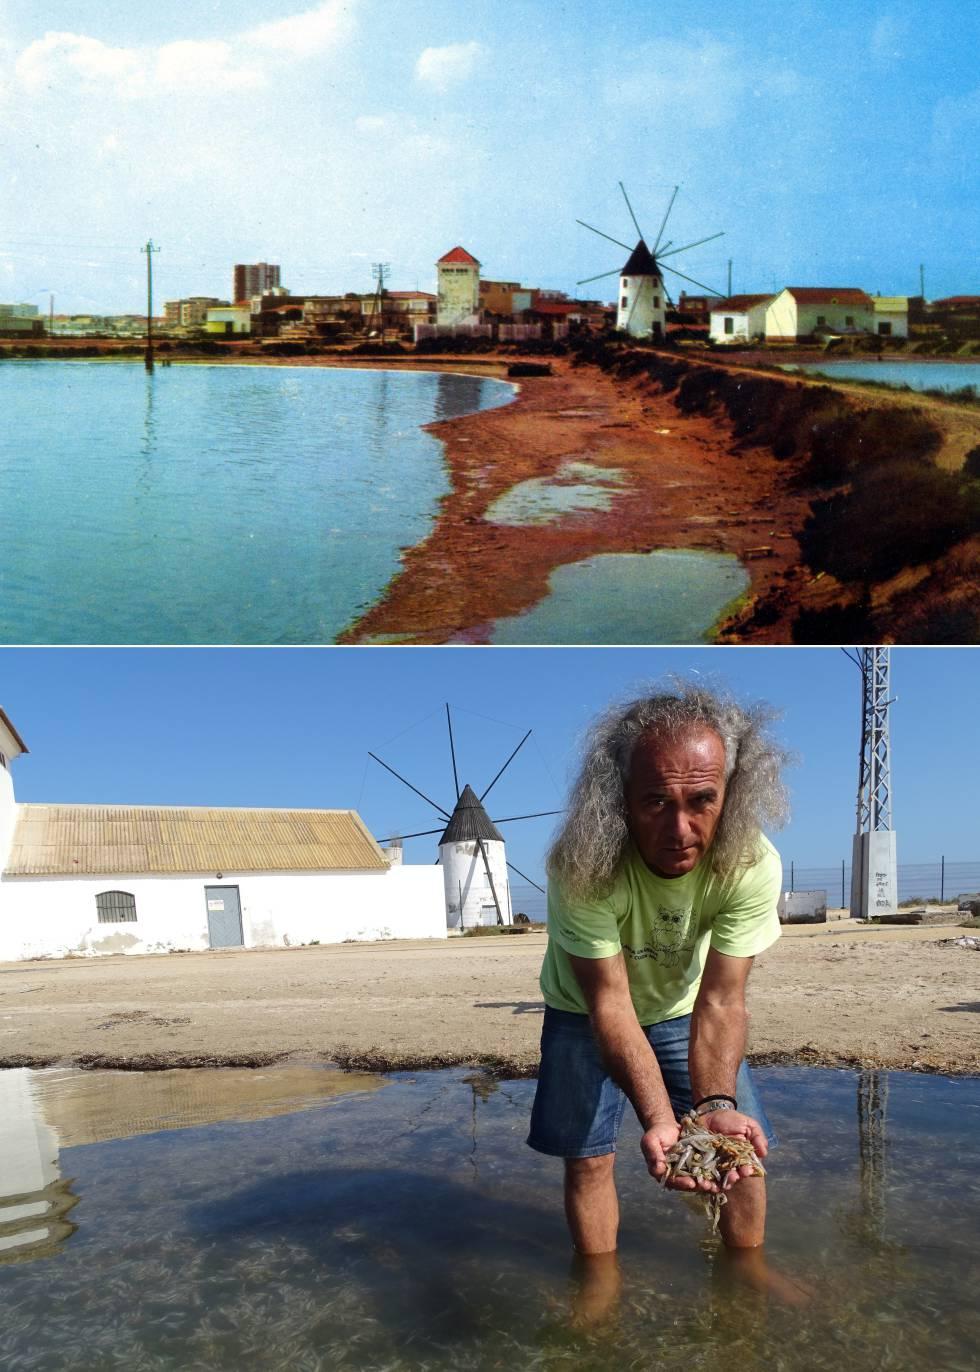 Arriba, molino en la costa del Mar Menor de San Pedro del Pinatar en una postal de los años setenta. Abajo, Pedro García, director de la Asociación de Naturalistas del Sureste, muestra algunos de los miles de peces que aparecieron muertos en el mismo punto el pasado 13 de octubre.